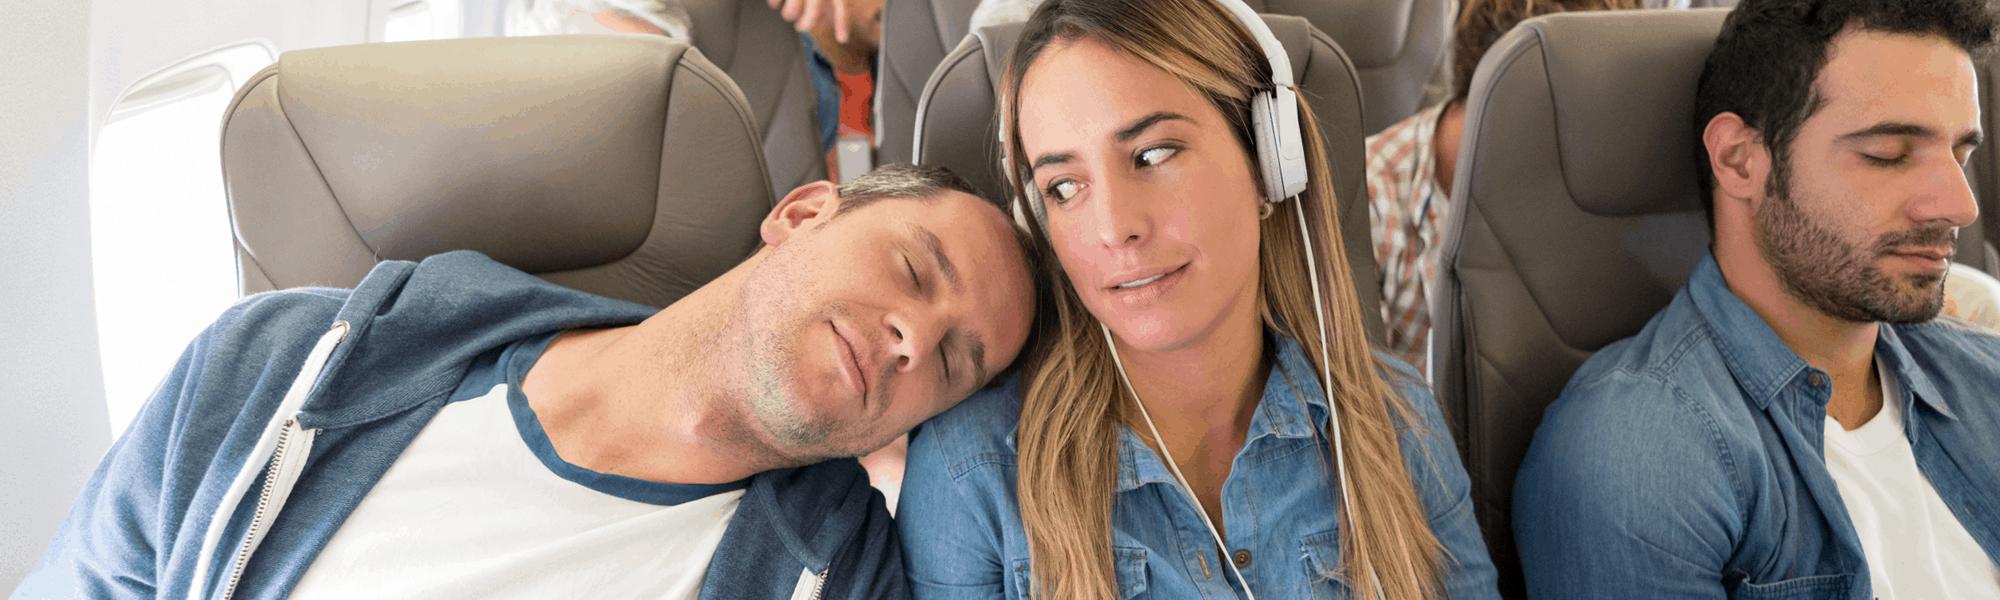 Flugzeug-Knigge: Welche Benimmregeln solltest du an Bord beachten?